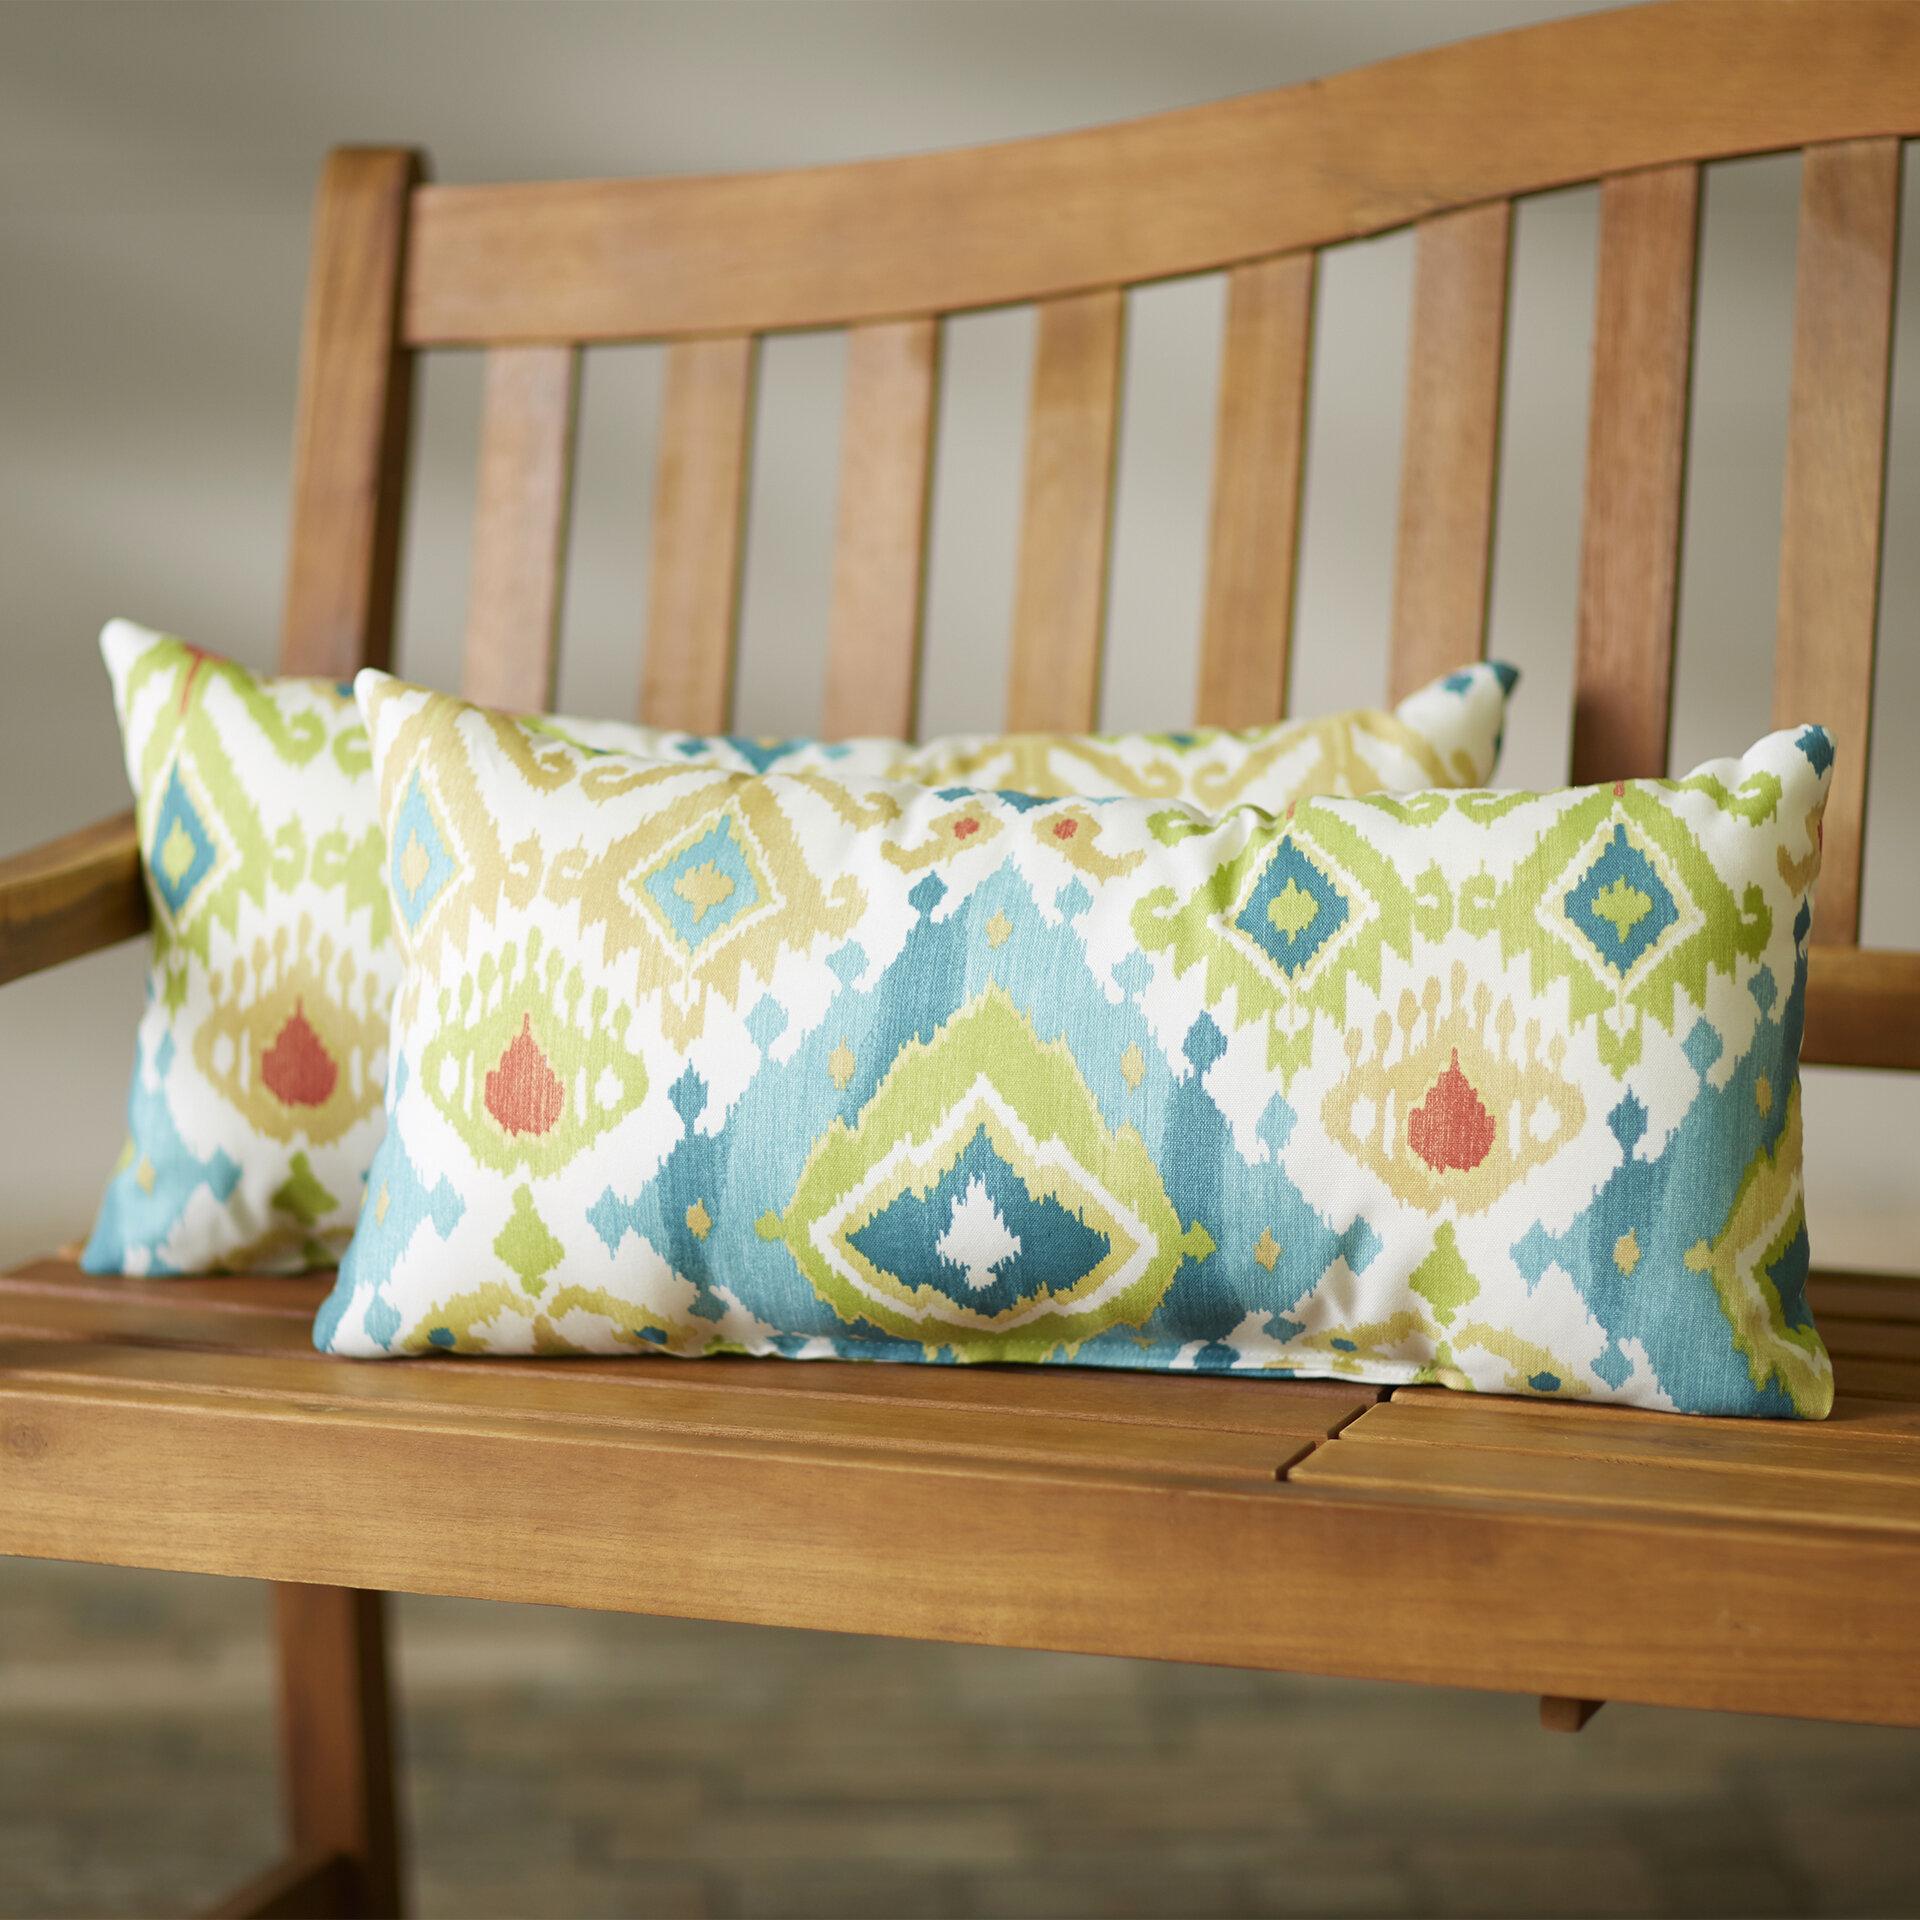 pillow sized throw rectangular lumbar perfect outdoor set alfresco tamariu valencia pillows of over pin